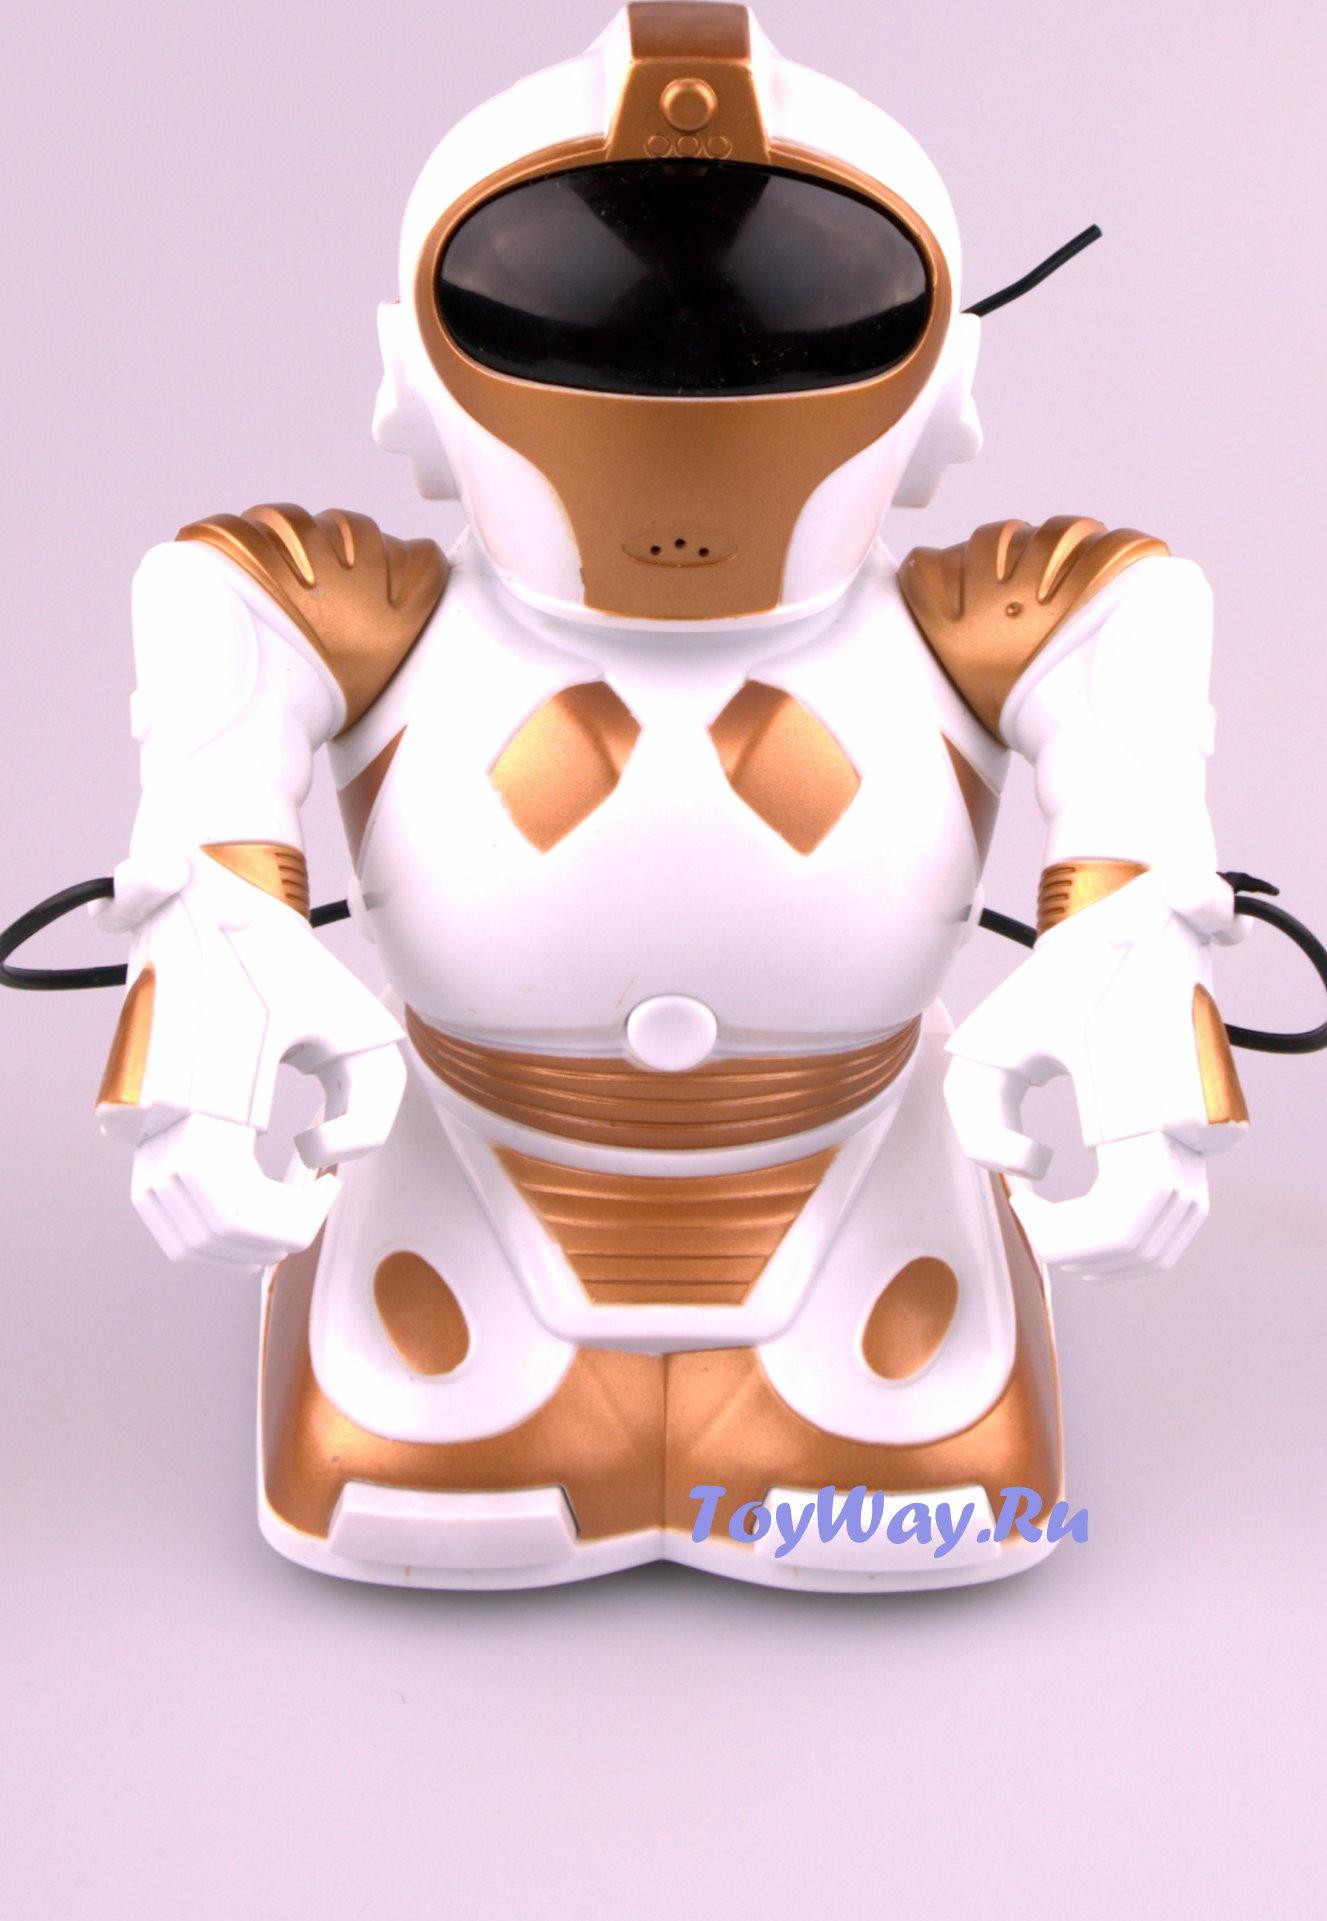 Робот на радиоуправлении 22 см., свет, звук, запись голосаРоботы на радиоуправлении<br>Робот на радиоуправлении 22 см., свет, звук, запись голоса<br>